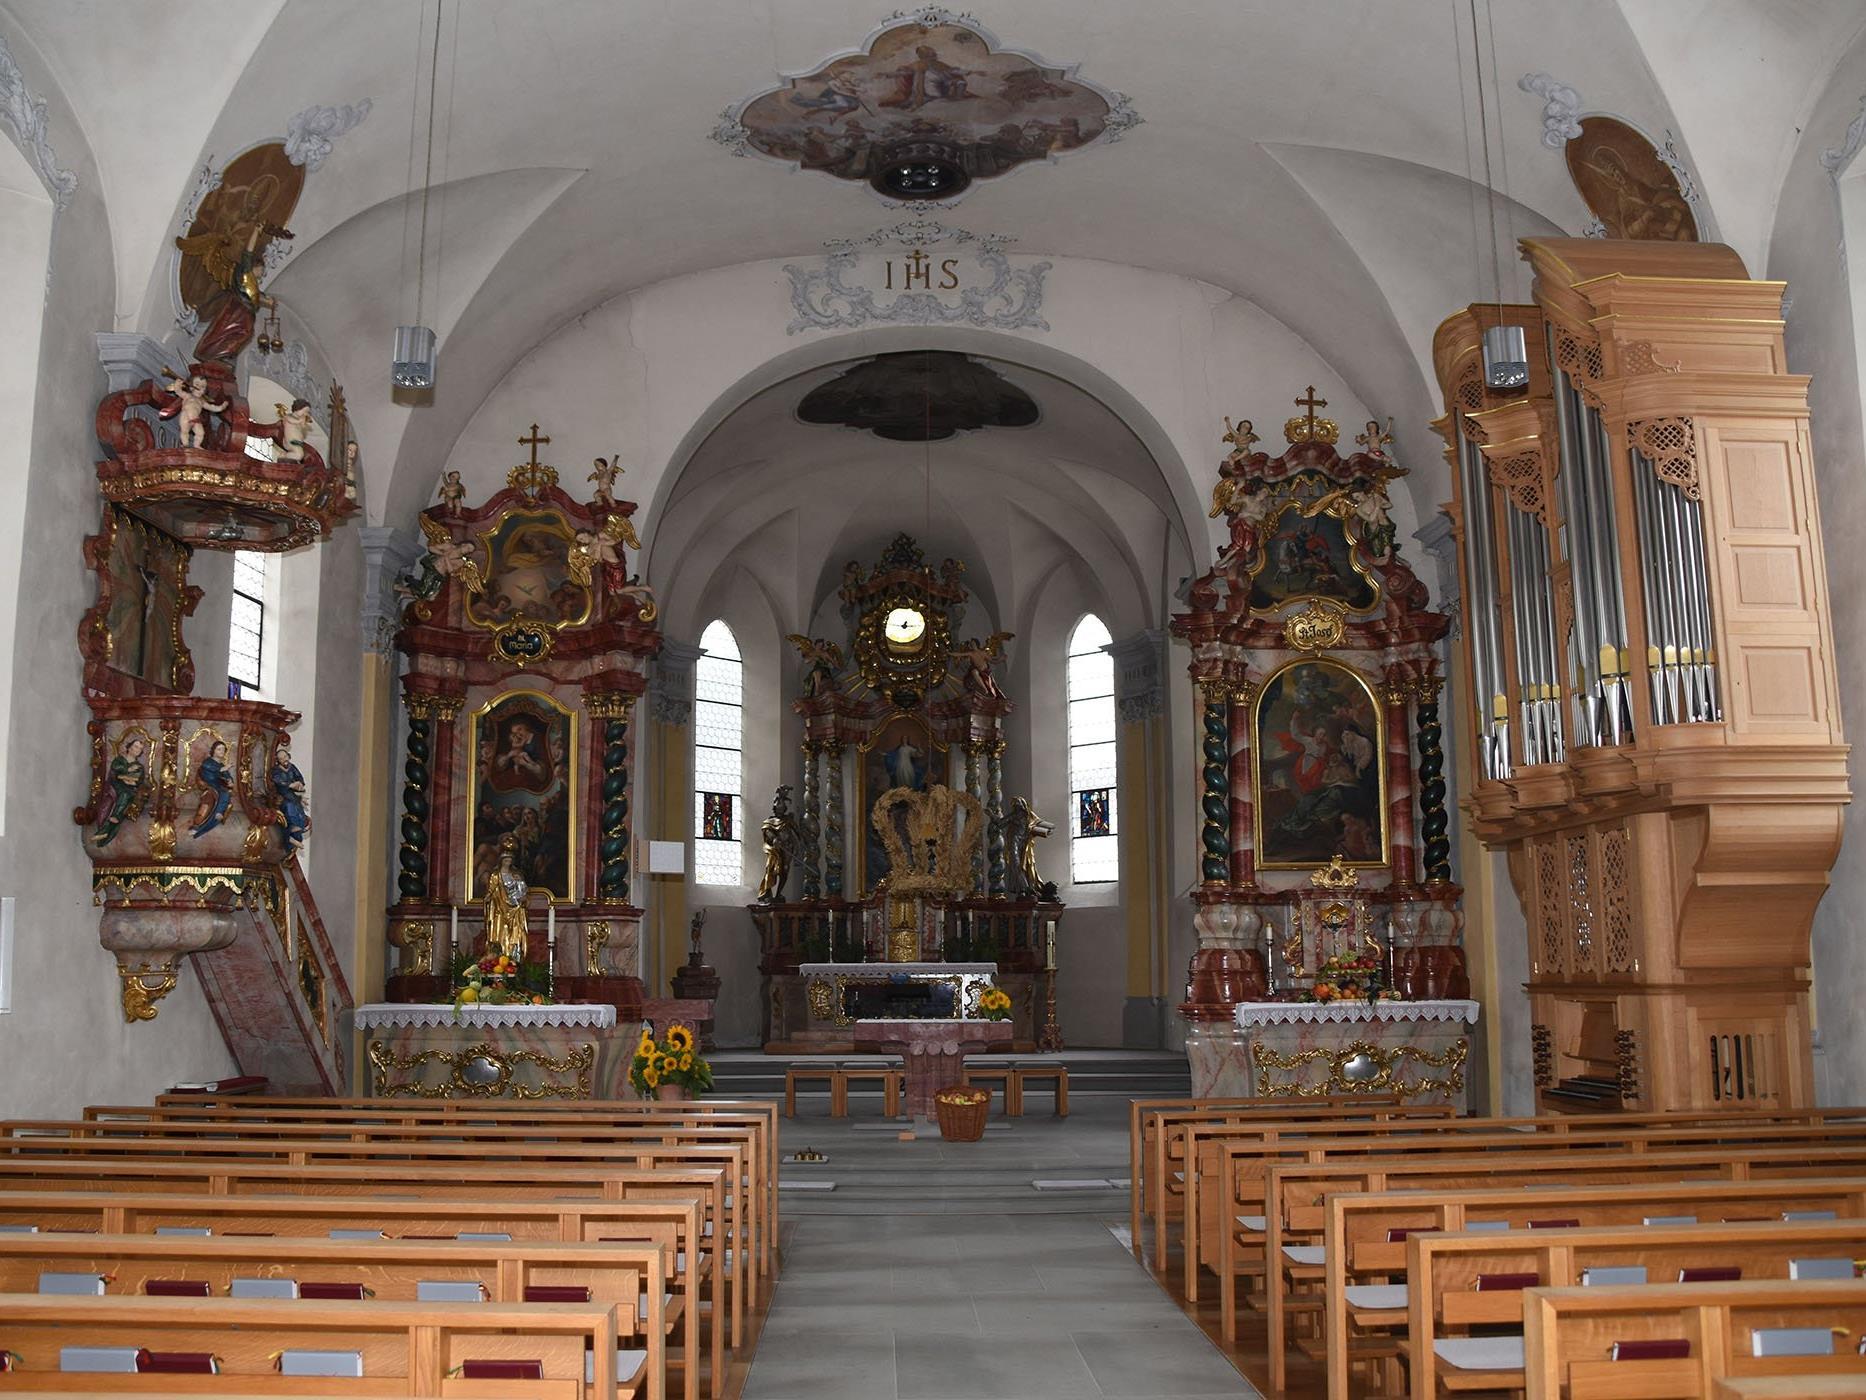 Konzert in der Pfarrkirche Nüziders am Sonntag, dem 9. Oktober 2016, um 17 Uhr